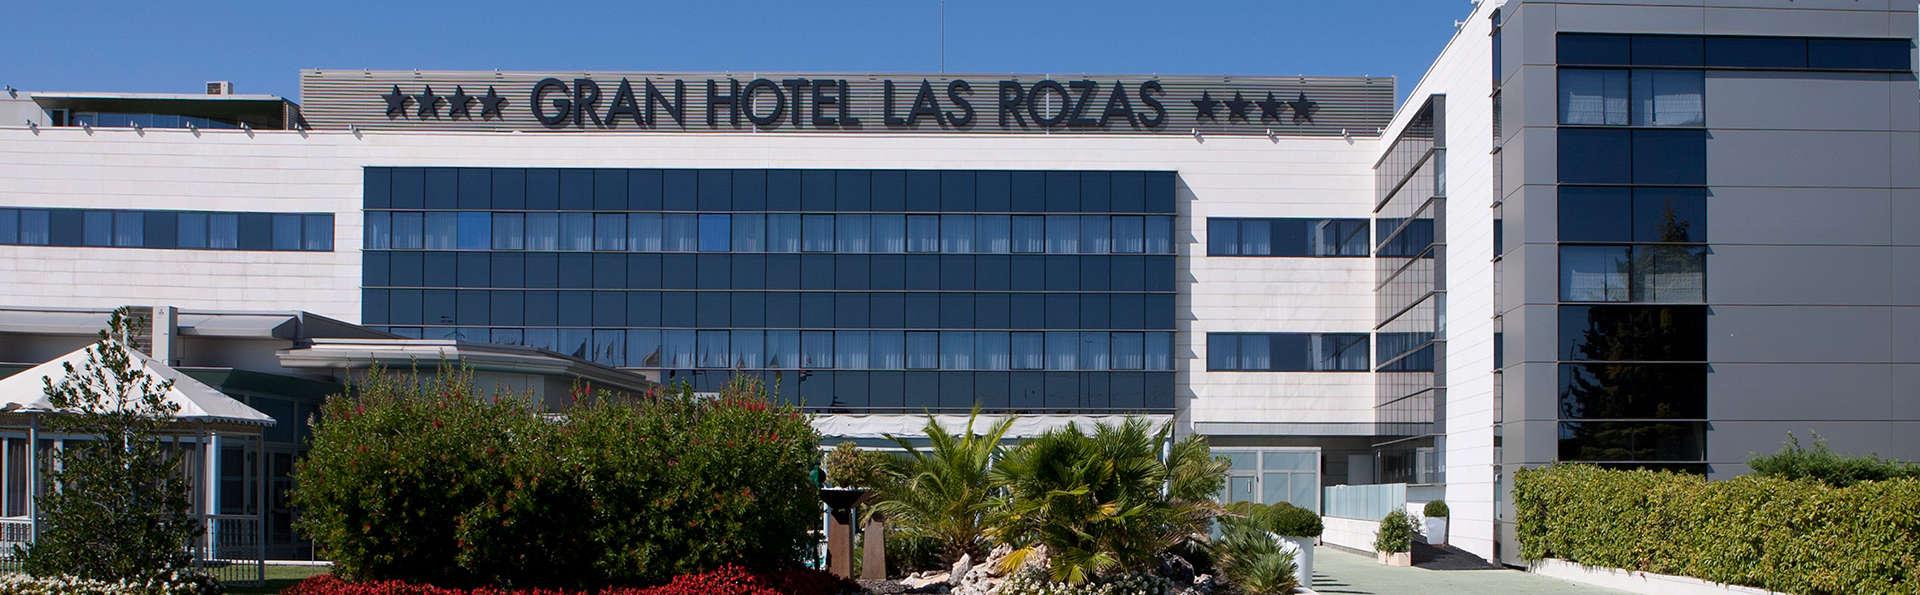 Gran Hotel Attica21 las Rozas - EDIT_front.jpg